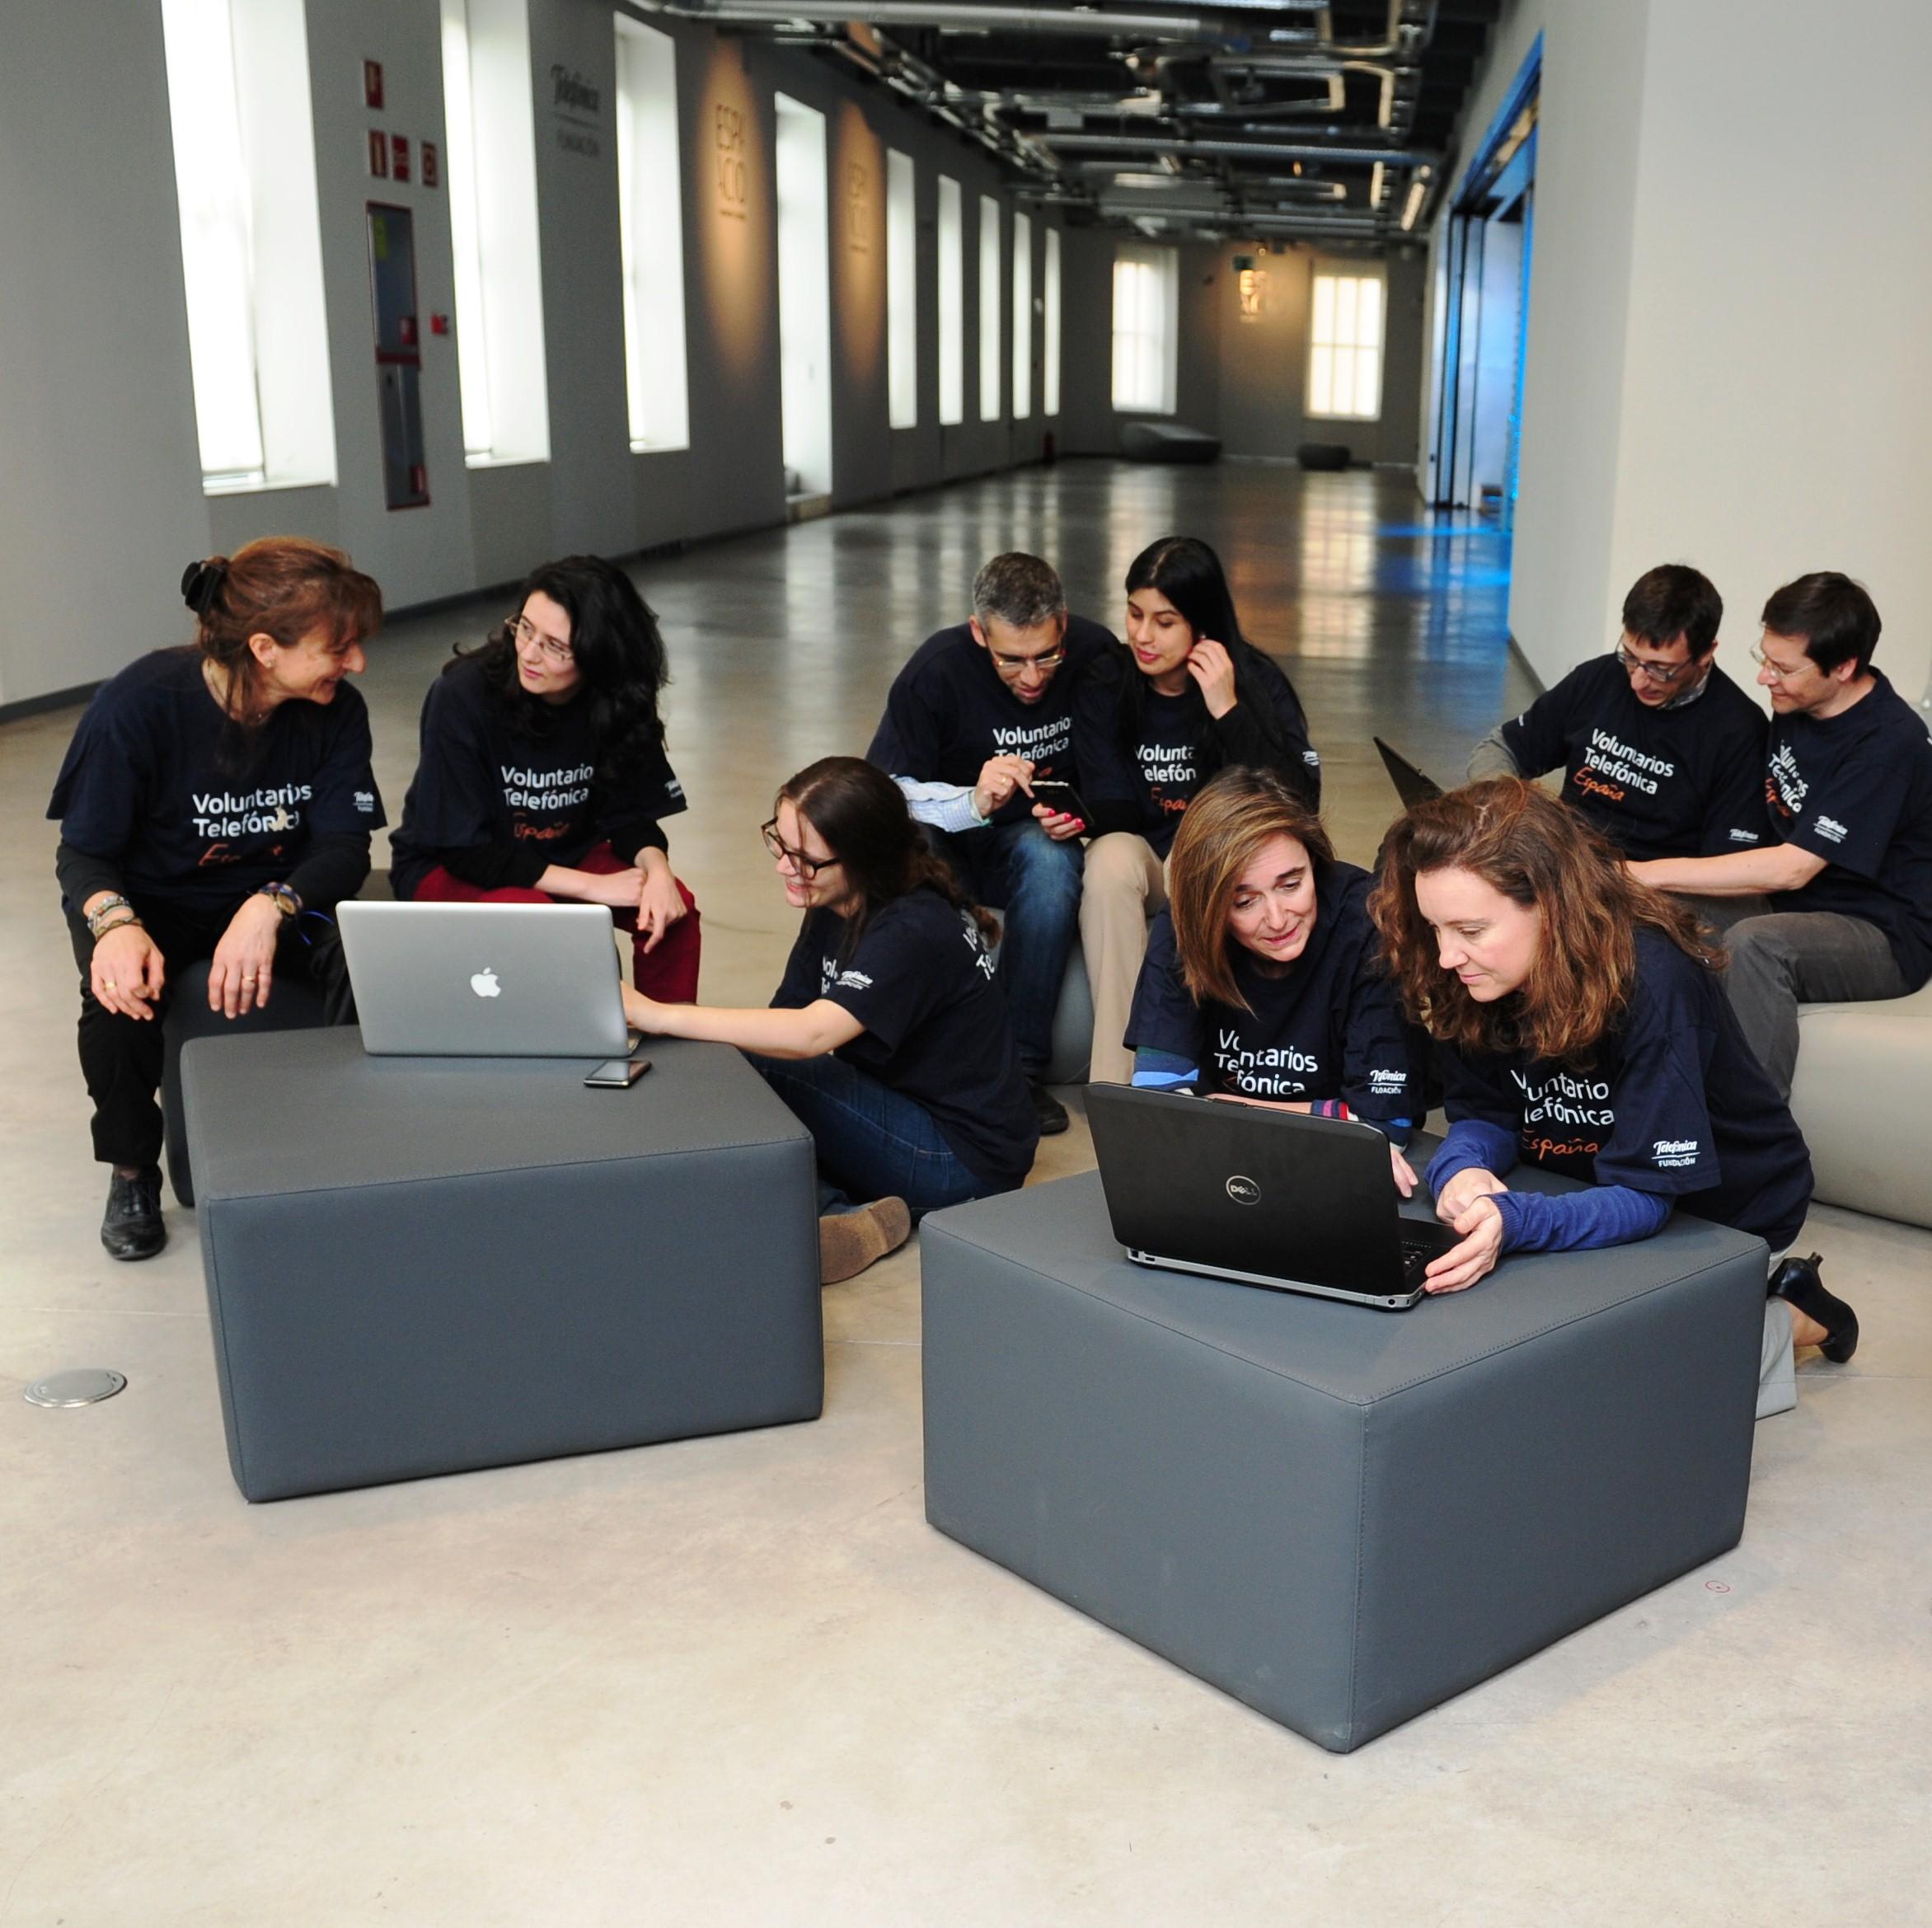 El programa Voluntarios Telefónica ha creado la modalidad de Voluntarios Online, que abre paso al voluntariado profesional, mucho más flexible por horarios y por su carácter virtual.